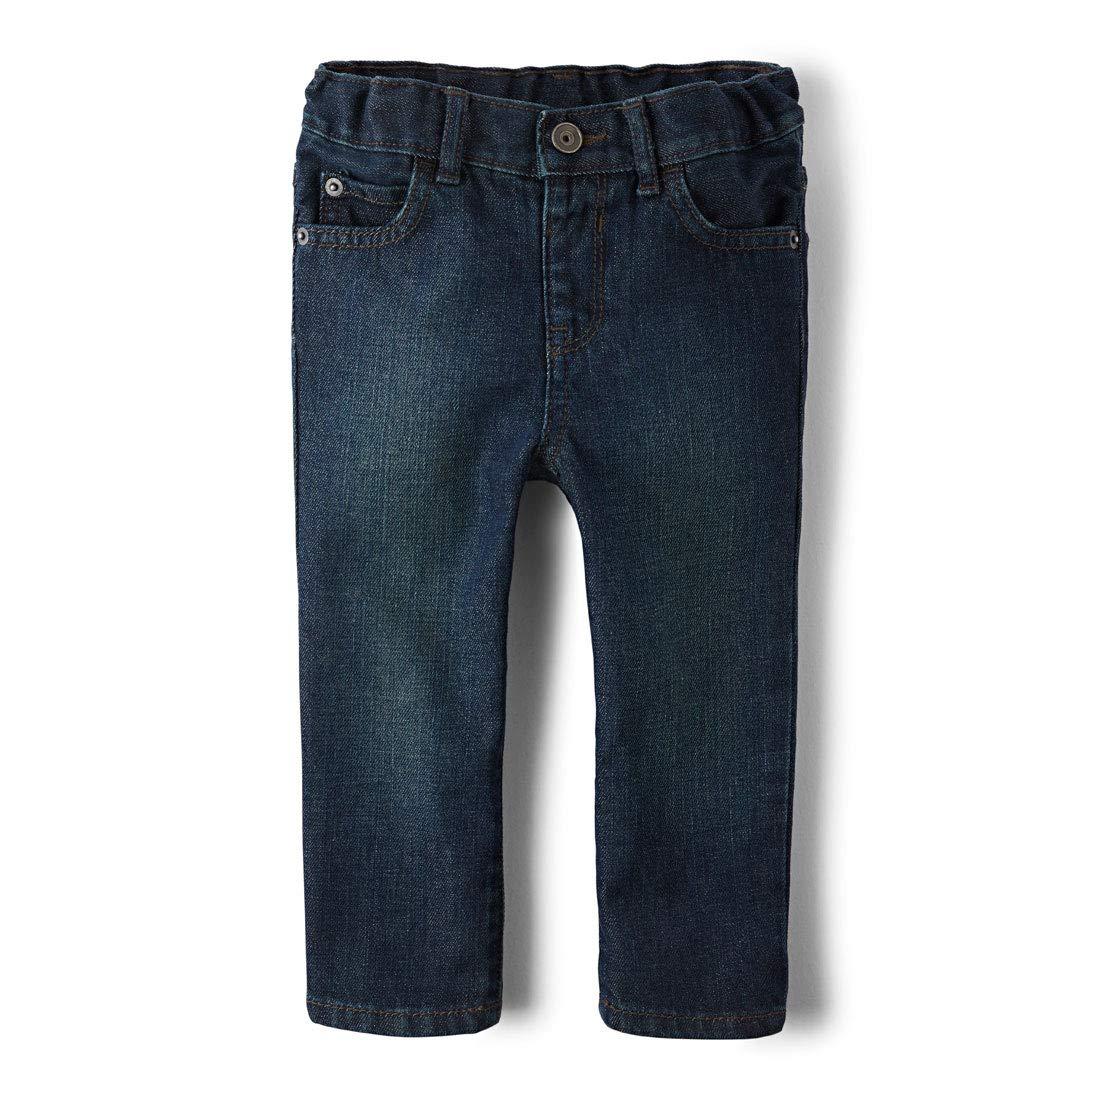 Amazon.com: The Childrens Place - Pantalones vaqueros para ...